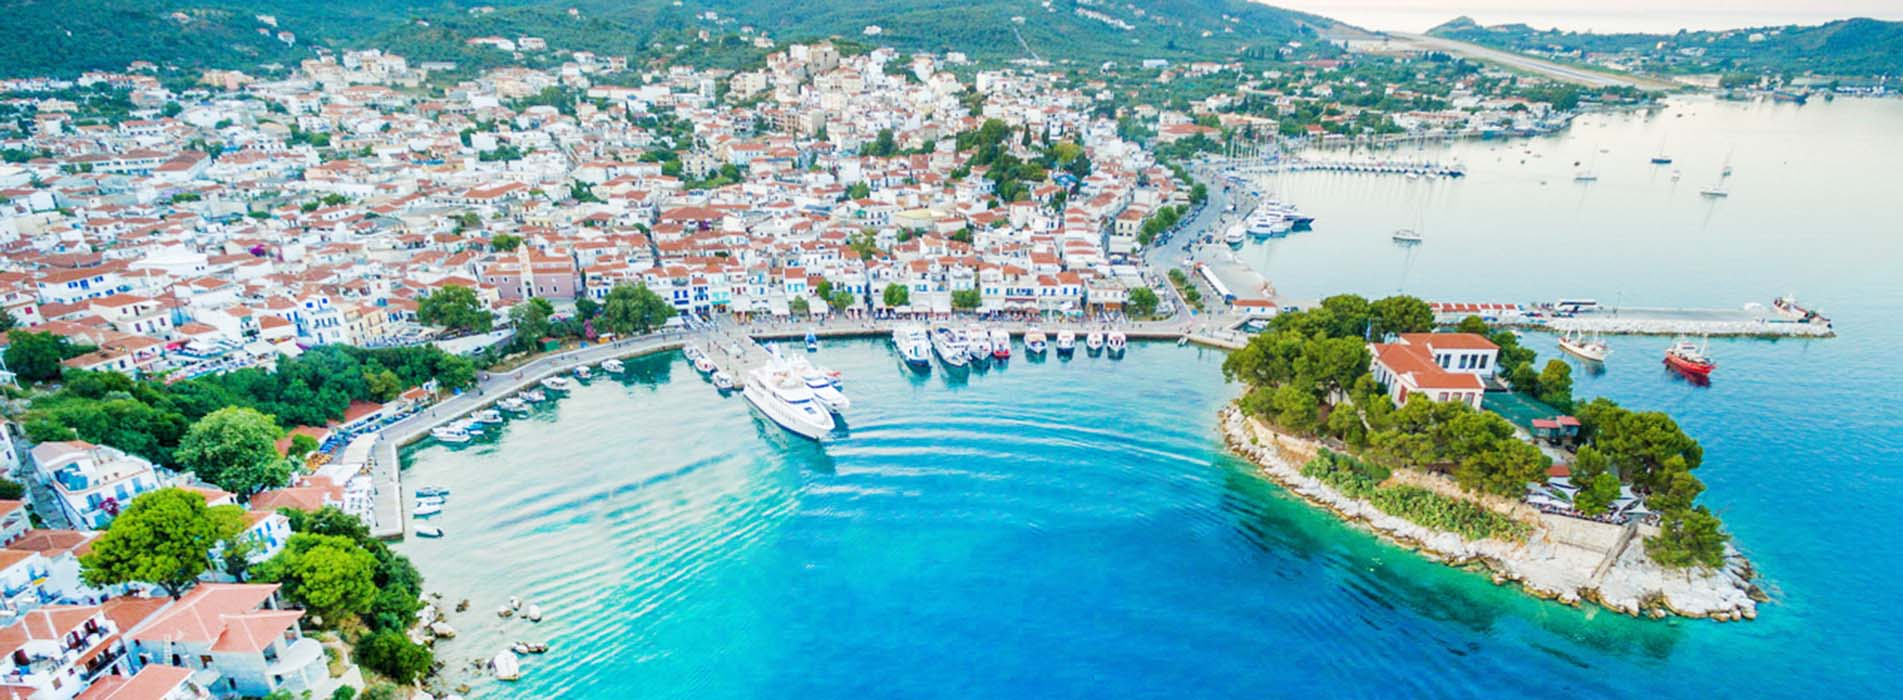 Greece - Skiathos 1 (main)